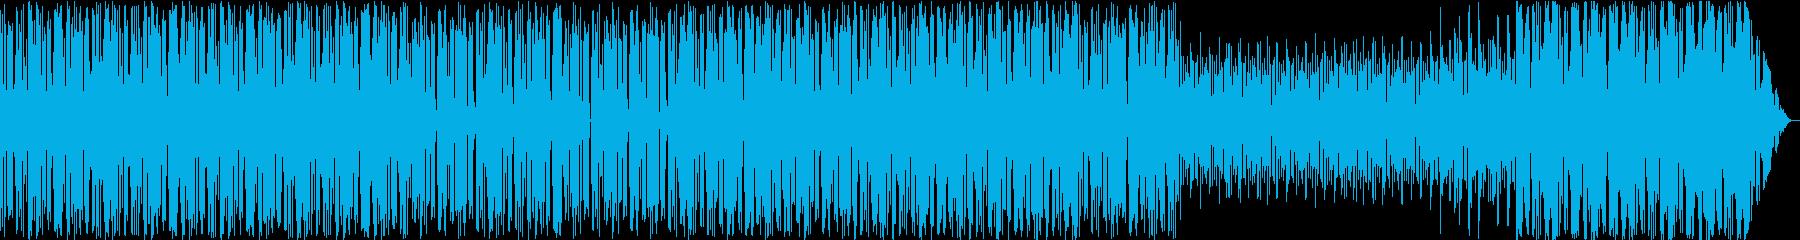 不安と幻聴幻覚と切ない想い出のループ風の再生済みの波形